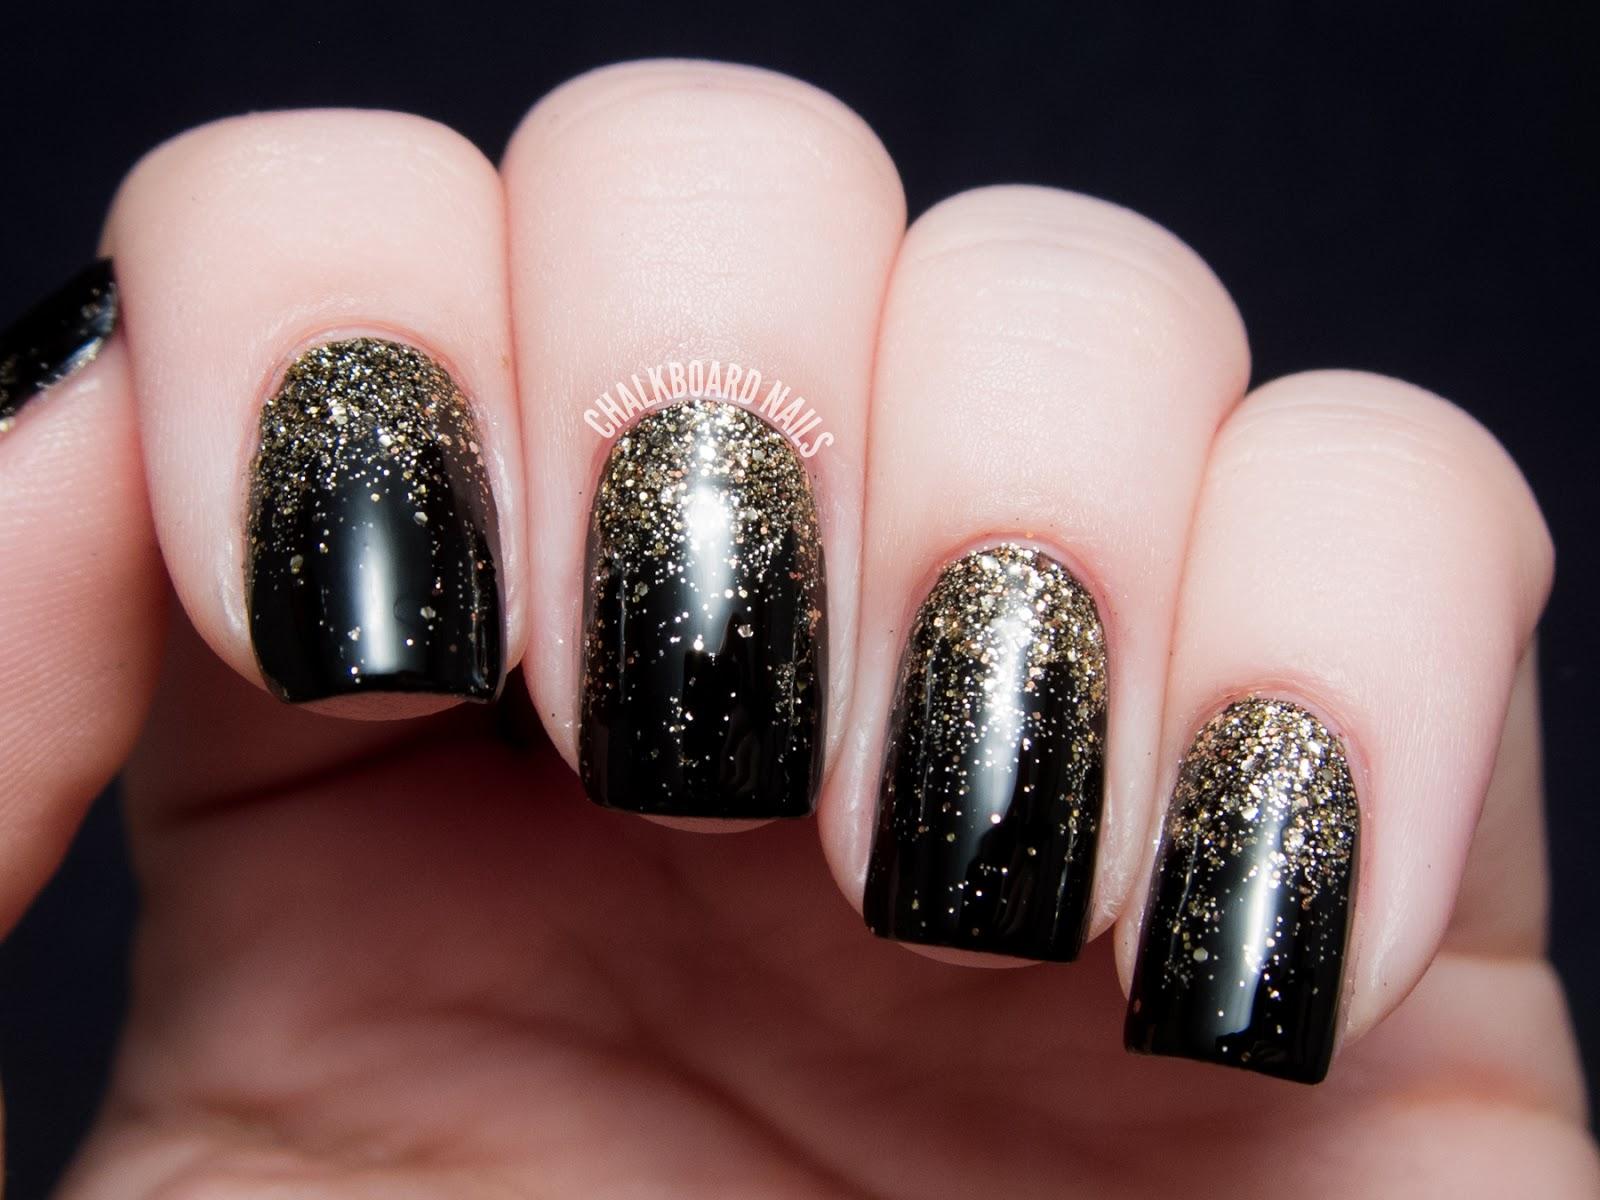 Party Perfect Black And Gold Nail Art Ideas Chalkboard Nails Nail Art Blog